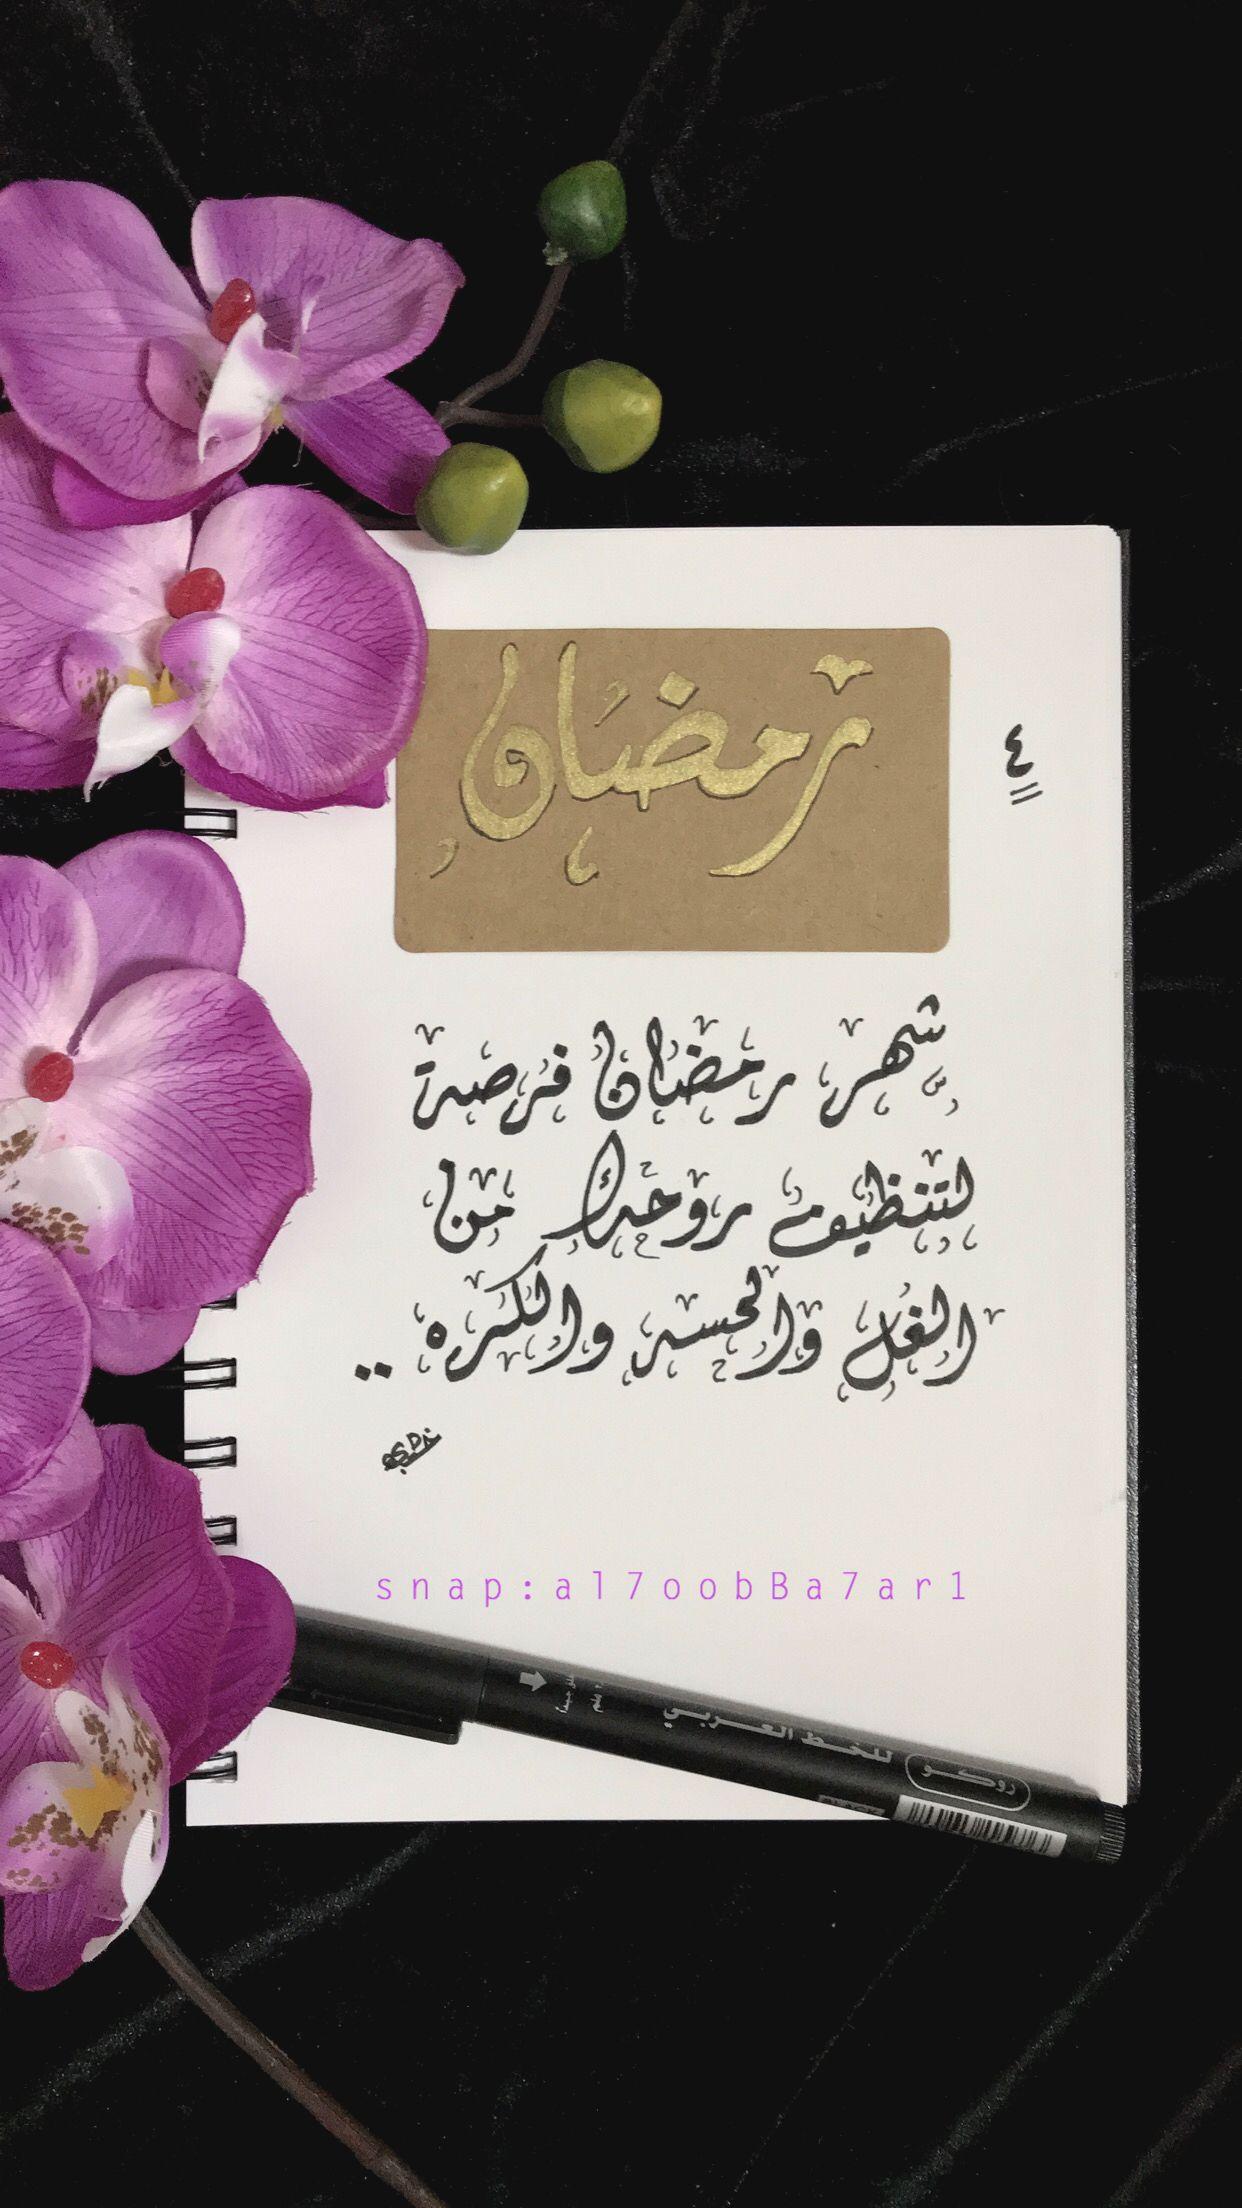 4 رمضان شهر رمضان أعظم دورة لـ تنظيف الروح والبدن خطي الخط العربي الخط الديواني Ramadan Islamic Pictures Cool Words